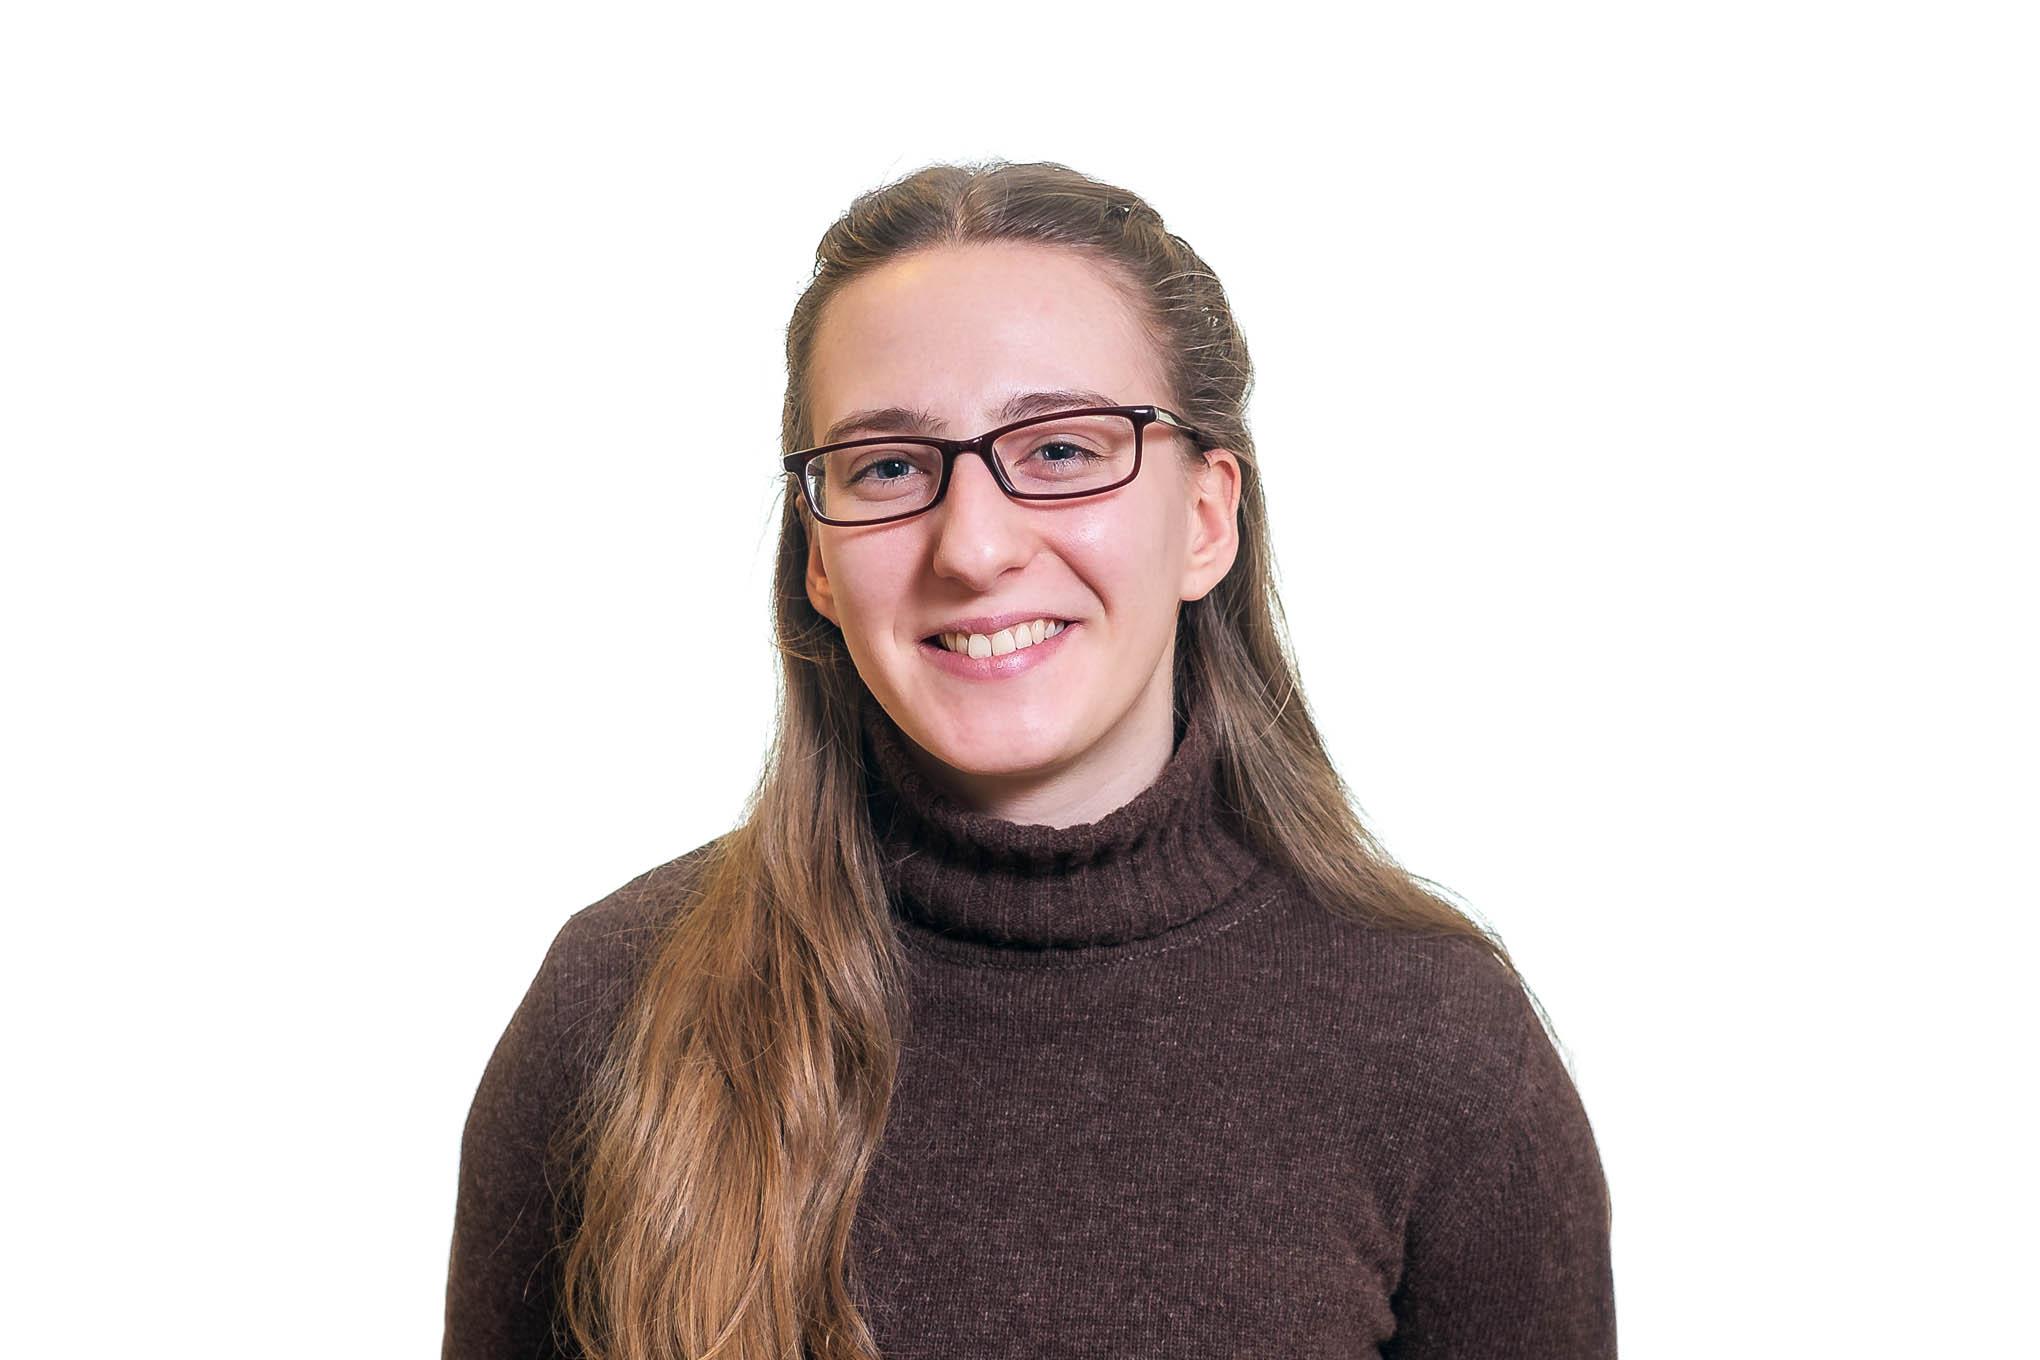 Anna Klostermann